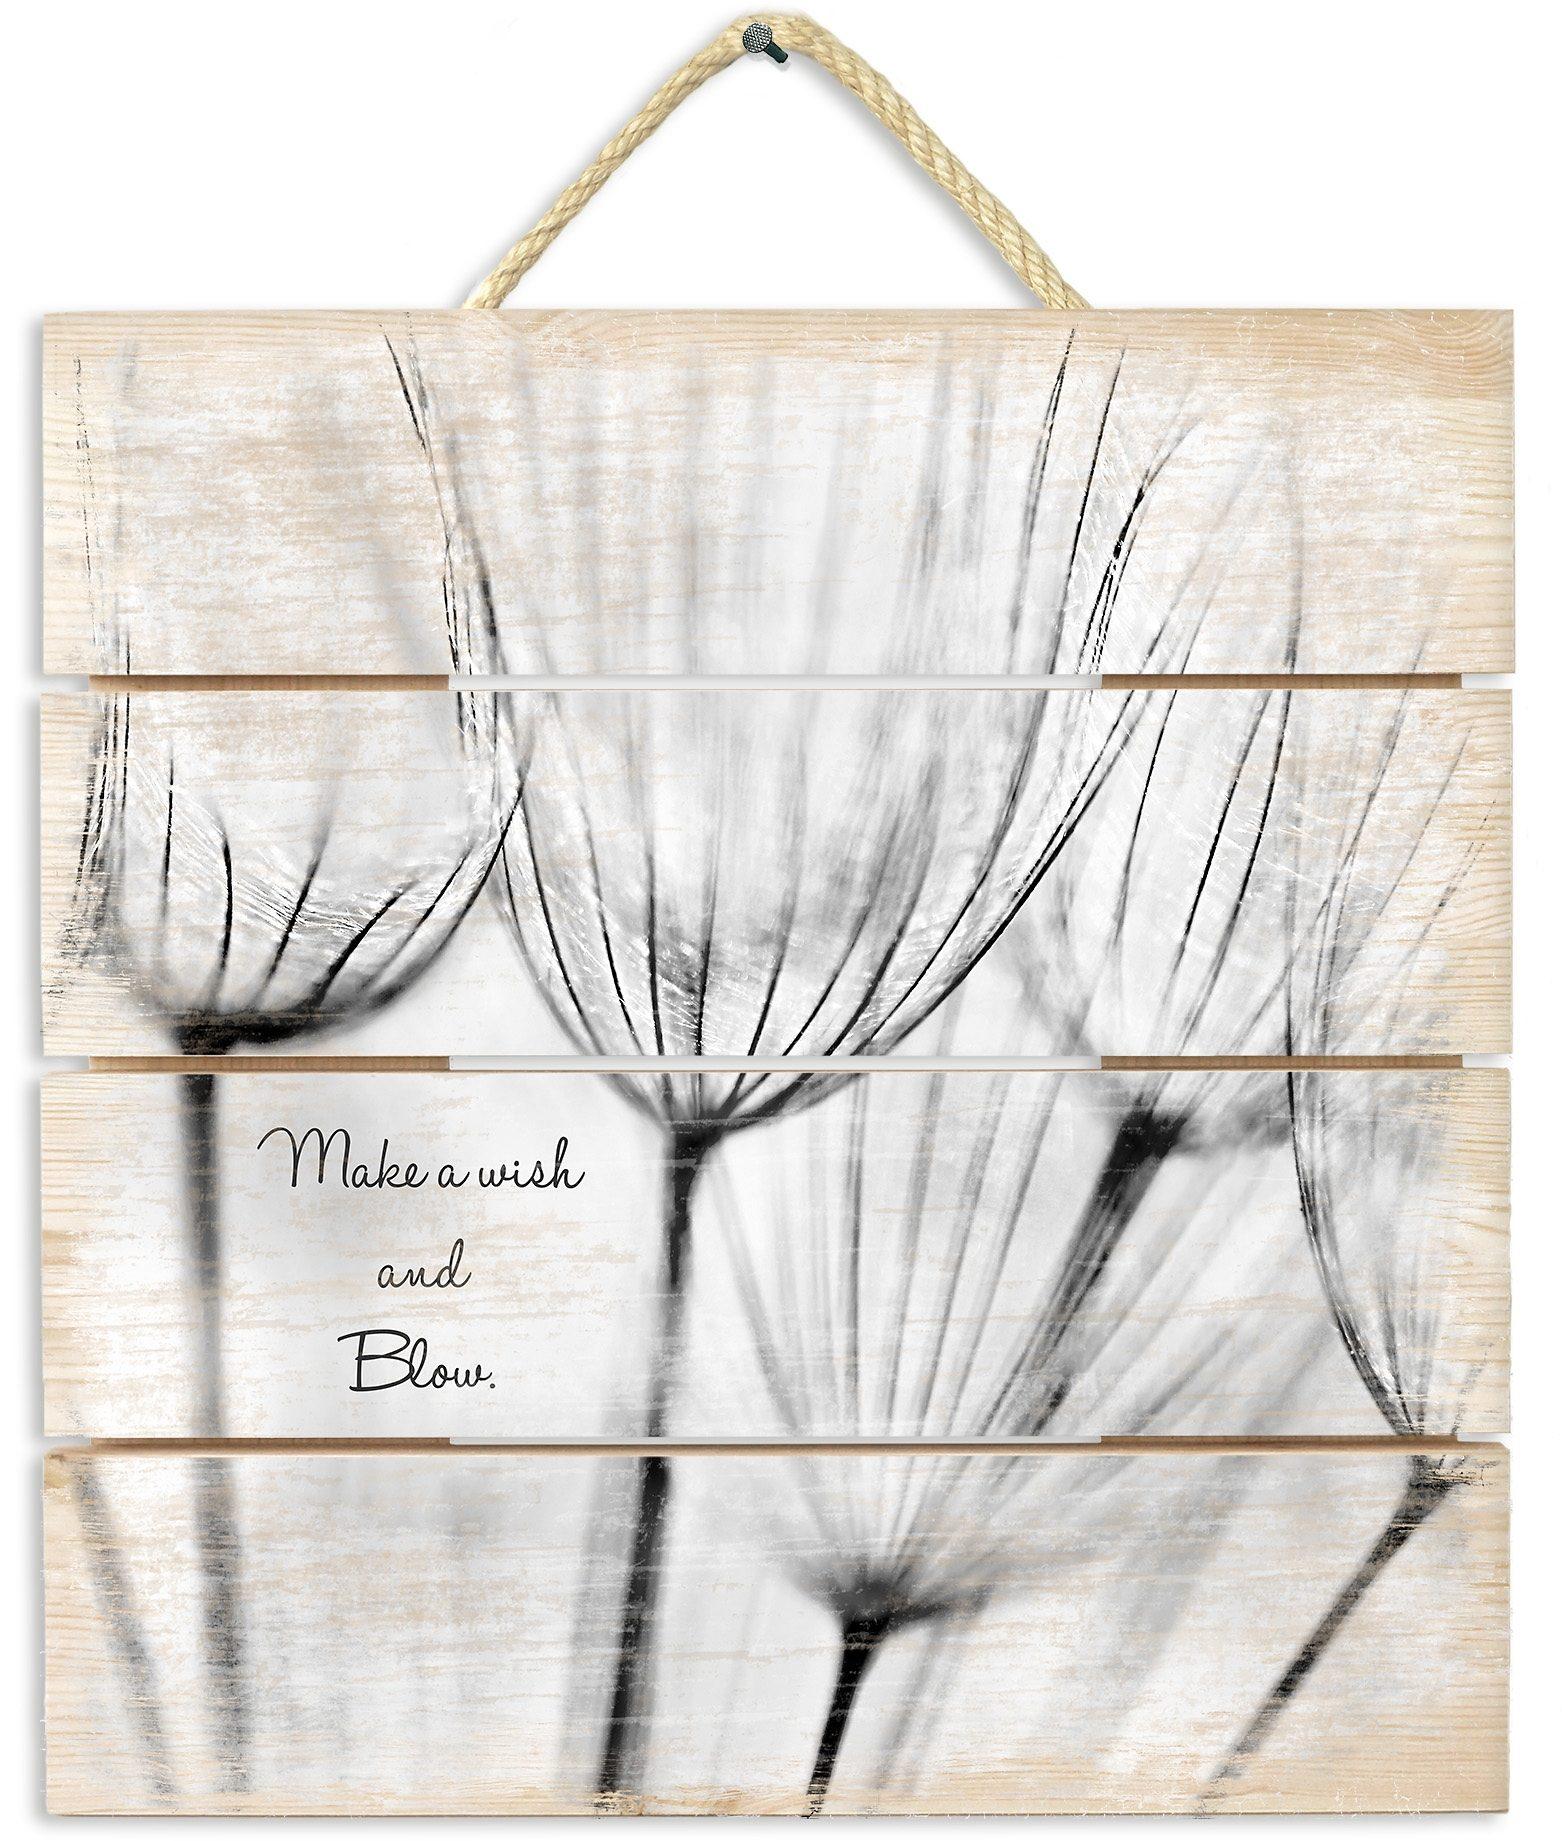 Holzbild, Home affaire, »Make a wish«, 40x41,5 cm